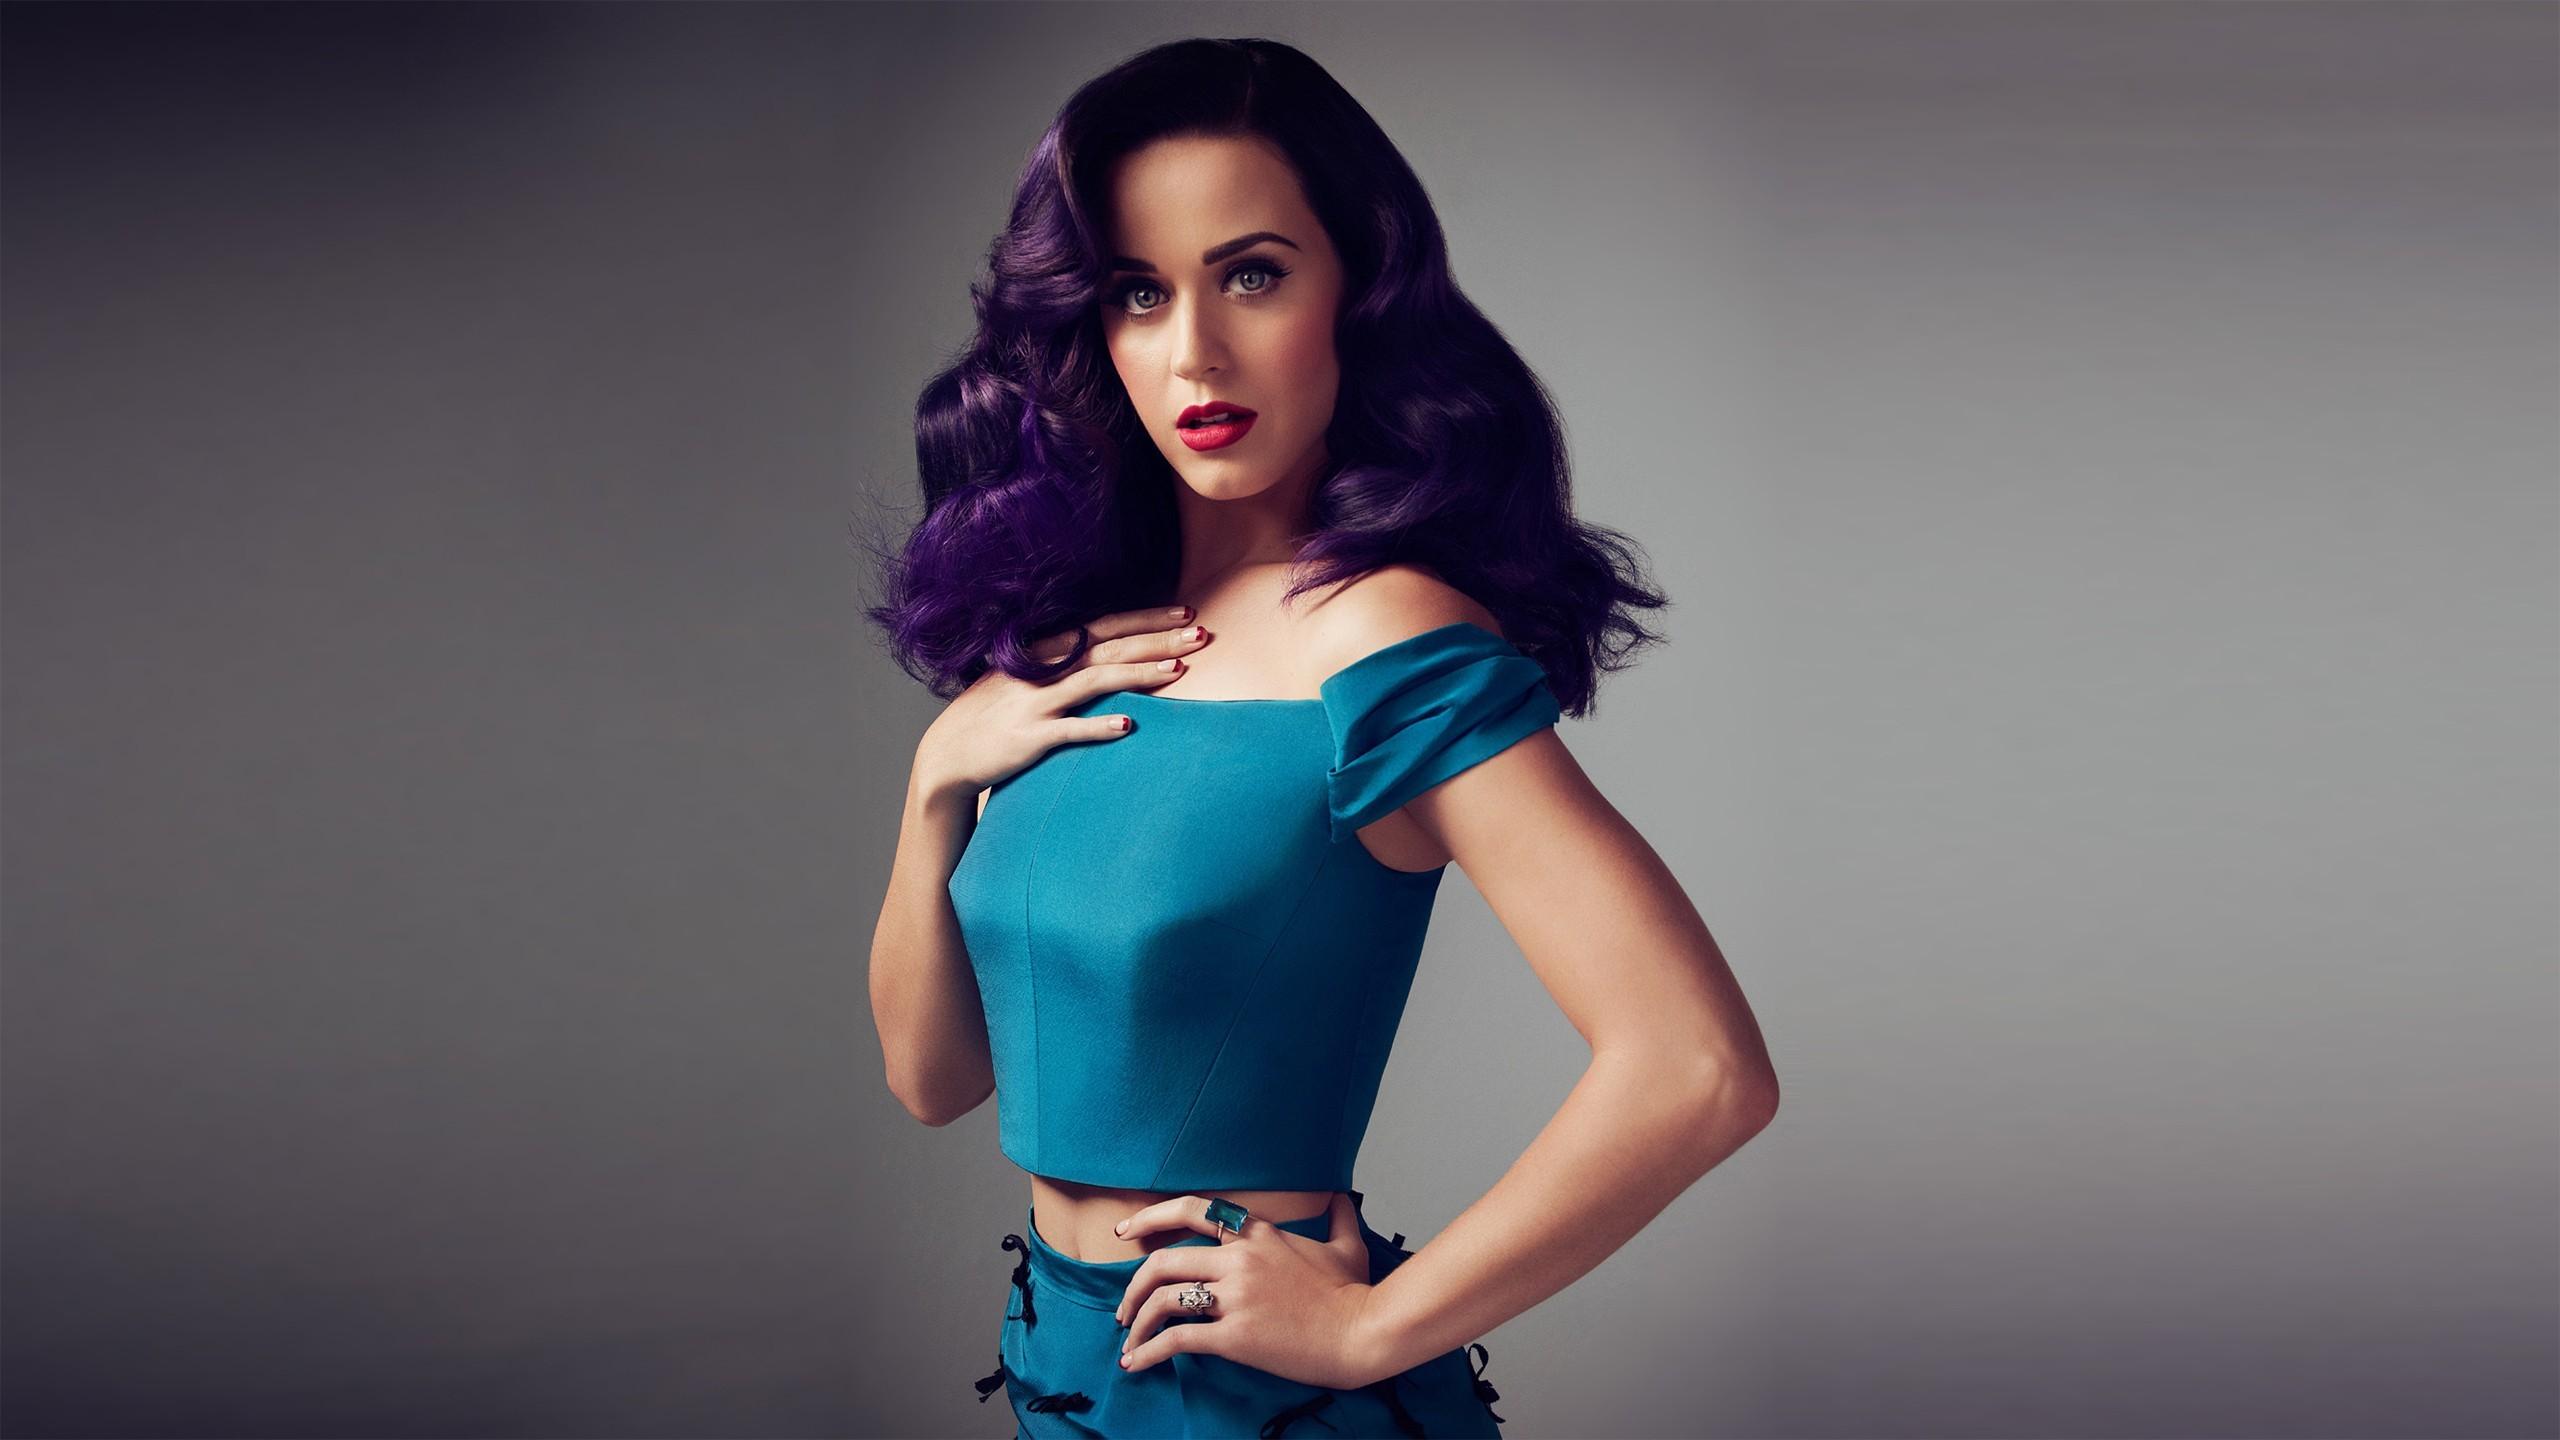 Celebrities / Katy Perry Wallpaper